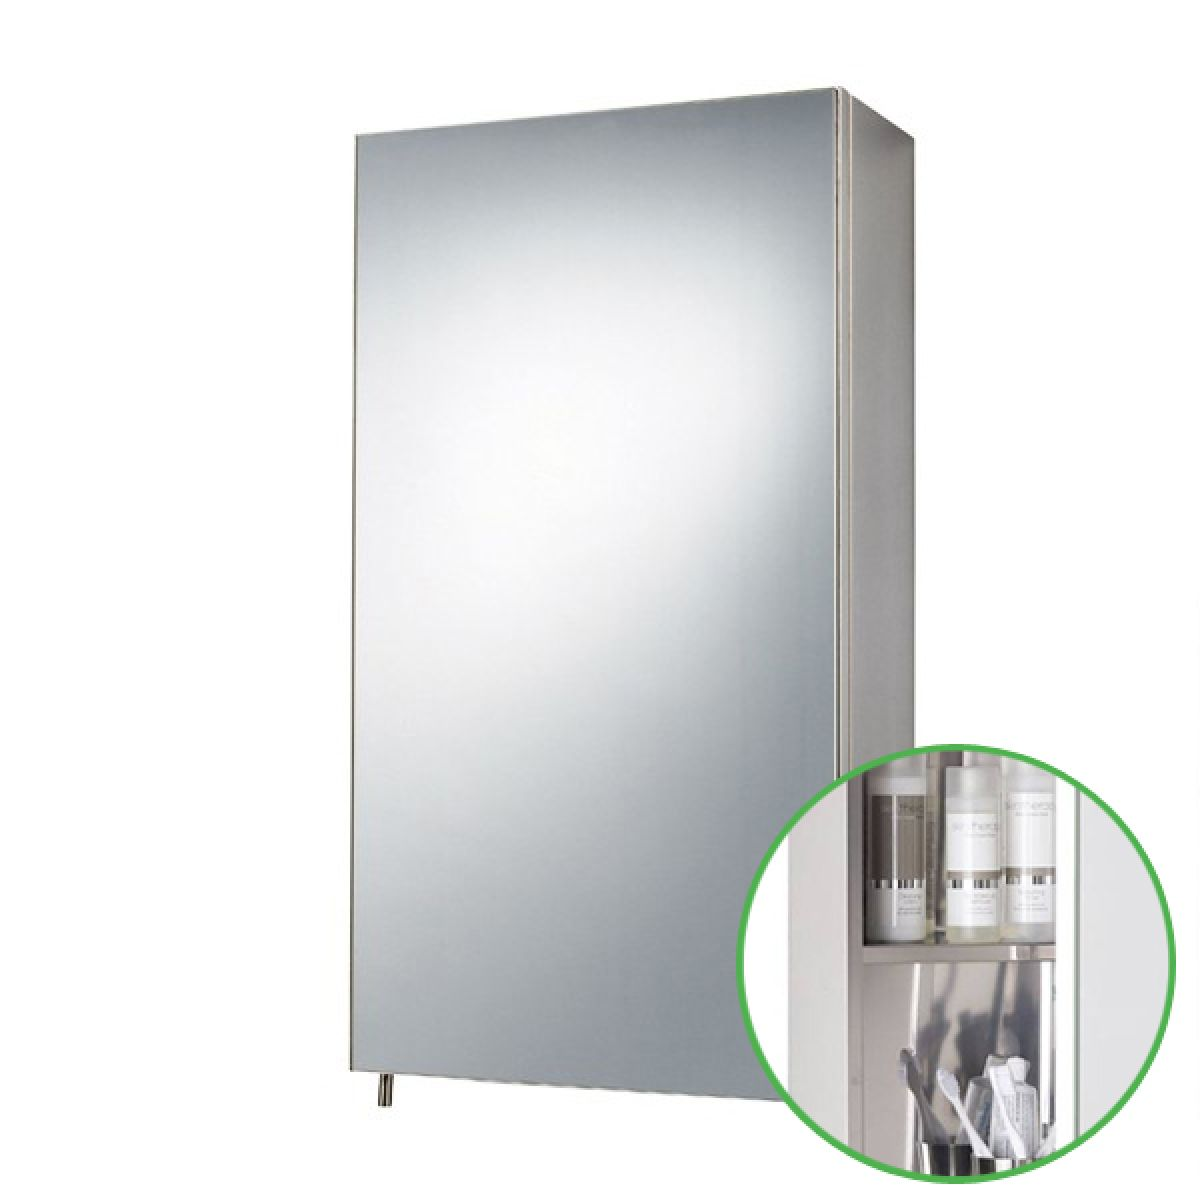 Zenith Stainless Steel Bathroom Cabinet Single Bathroom Mirror Cabinet Door